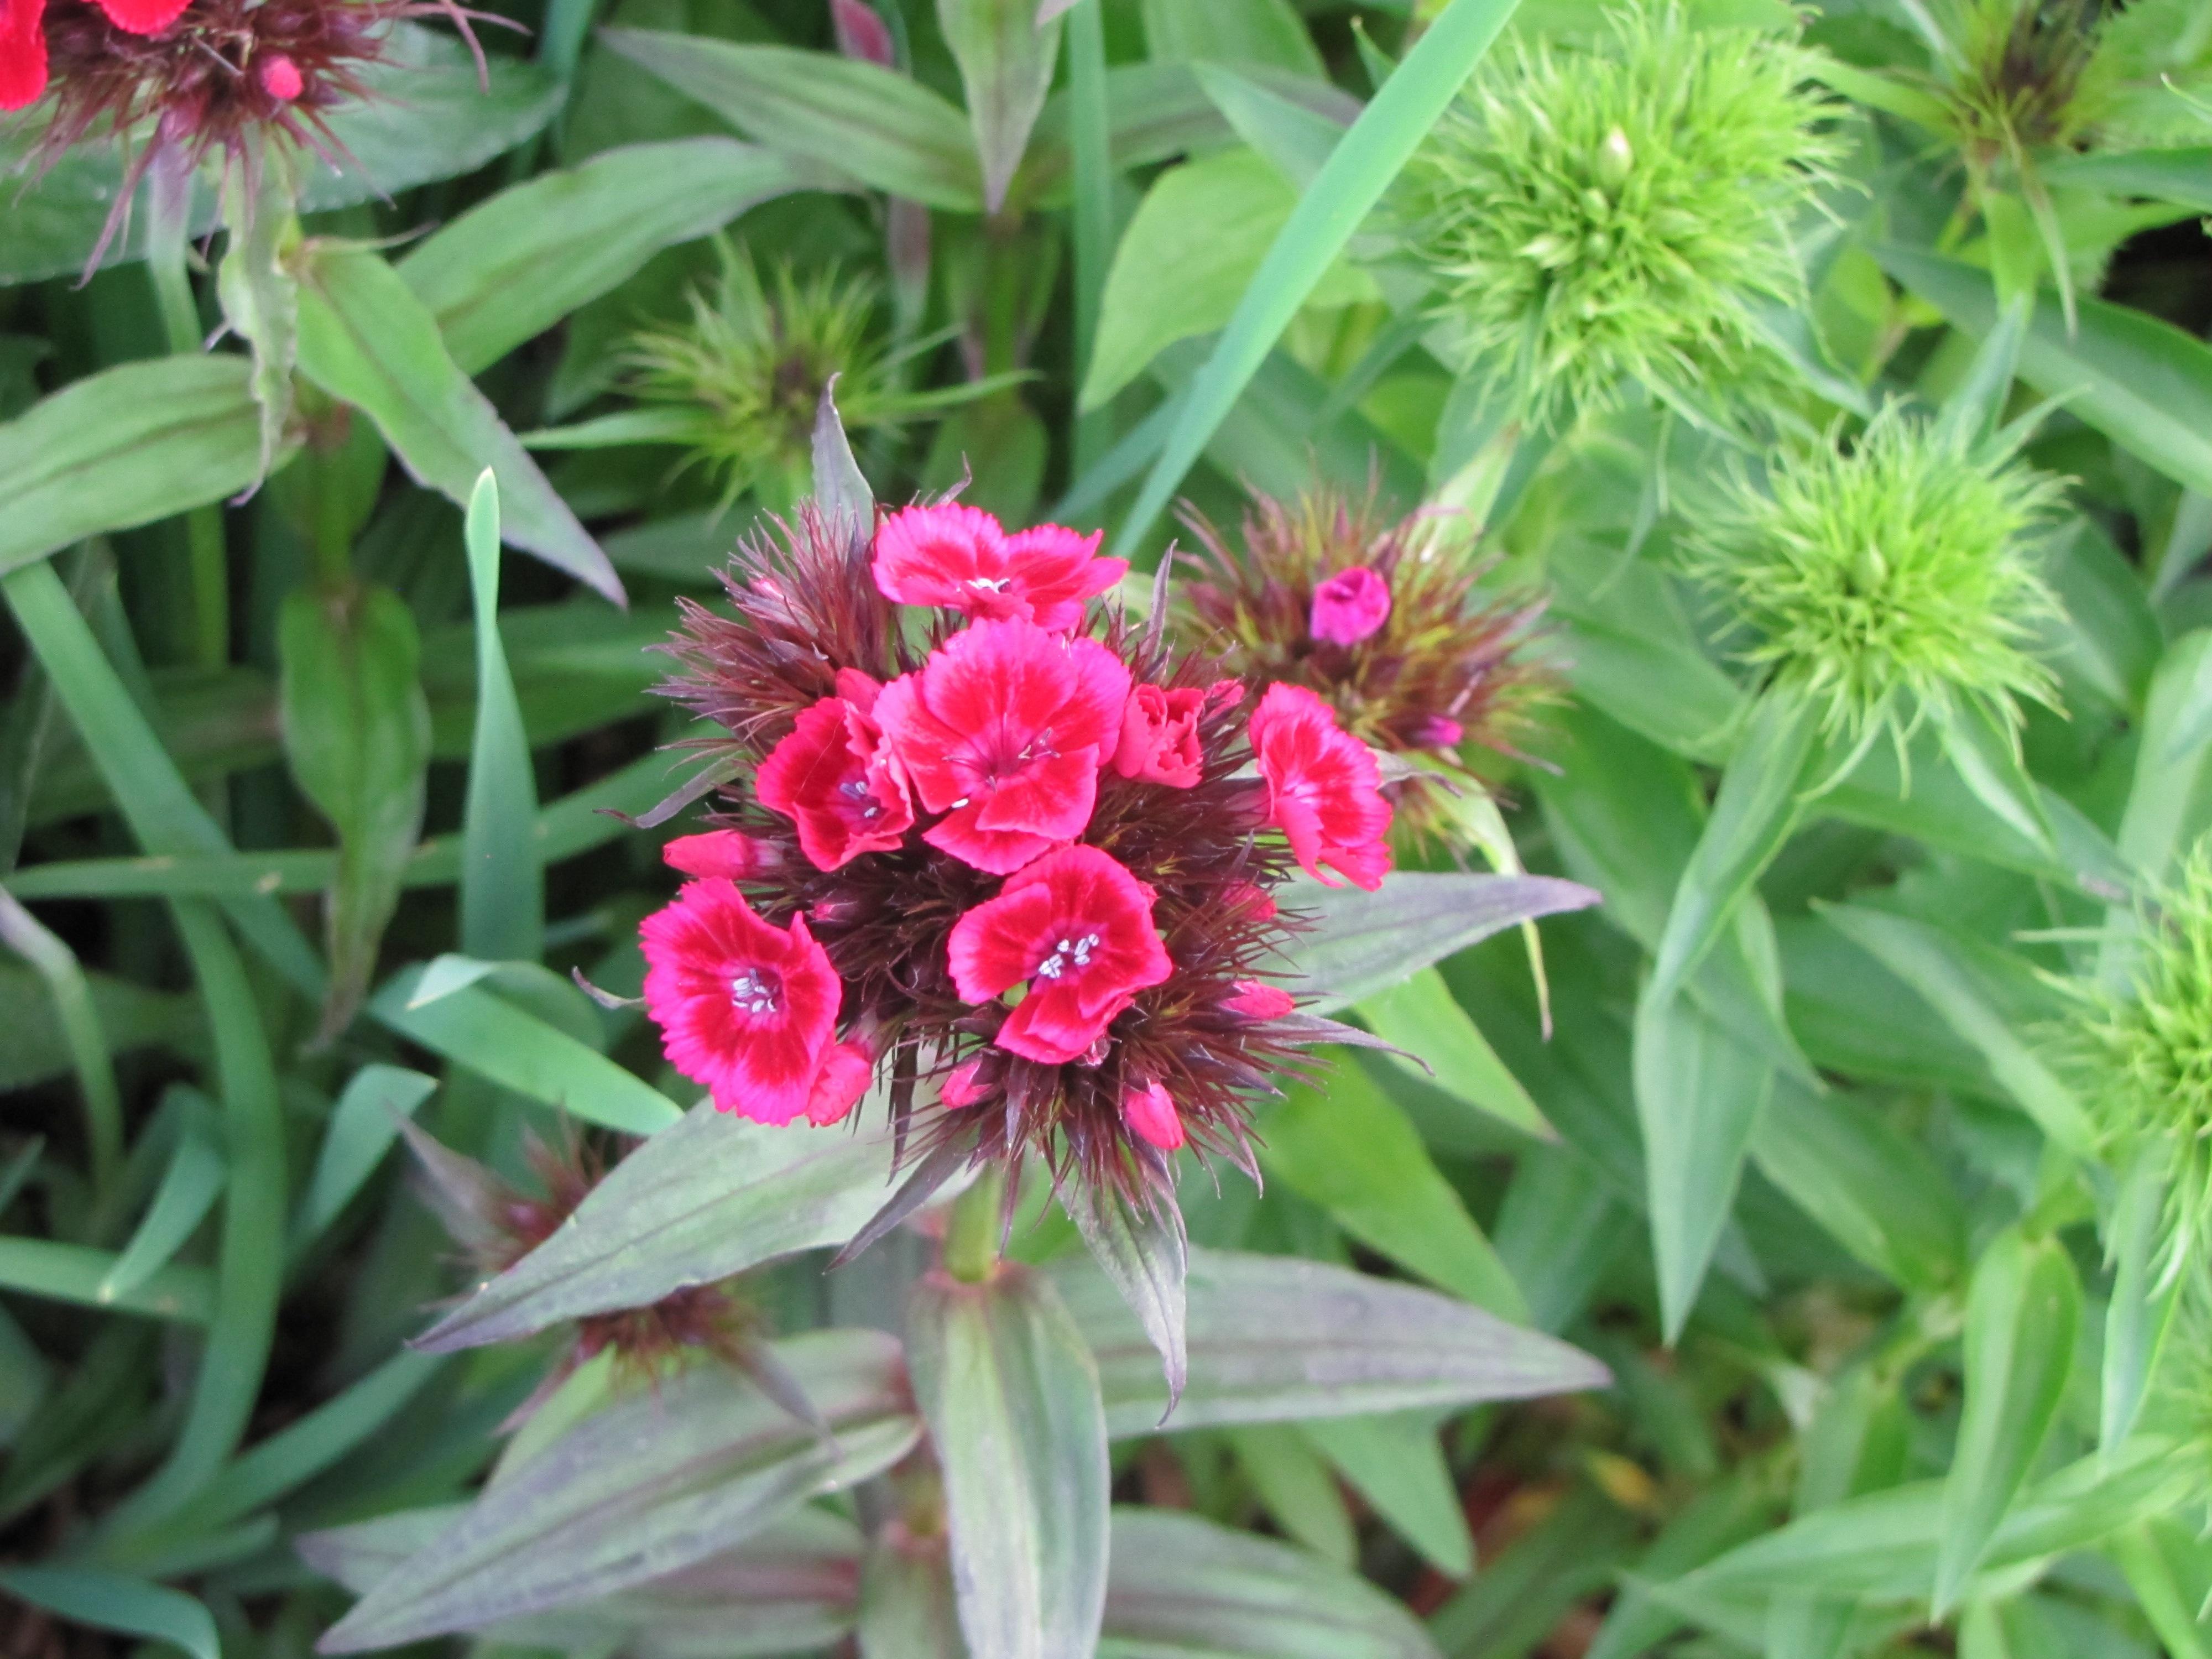 images gratuites : fleur, herbe, botanique, rose, flore, fleur